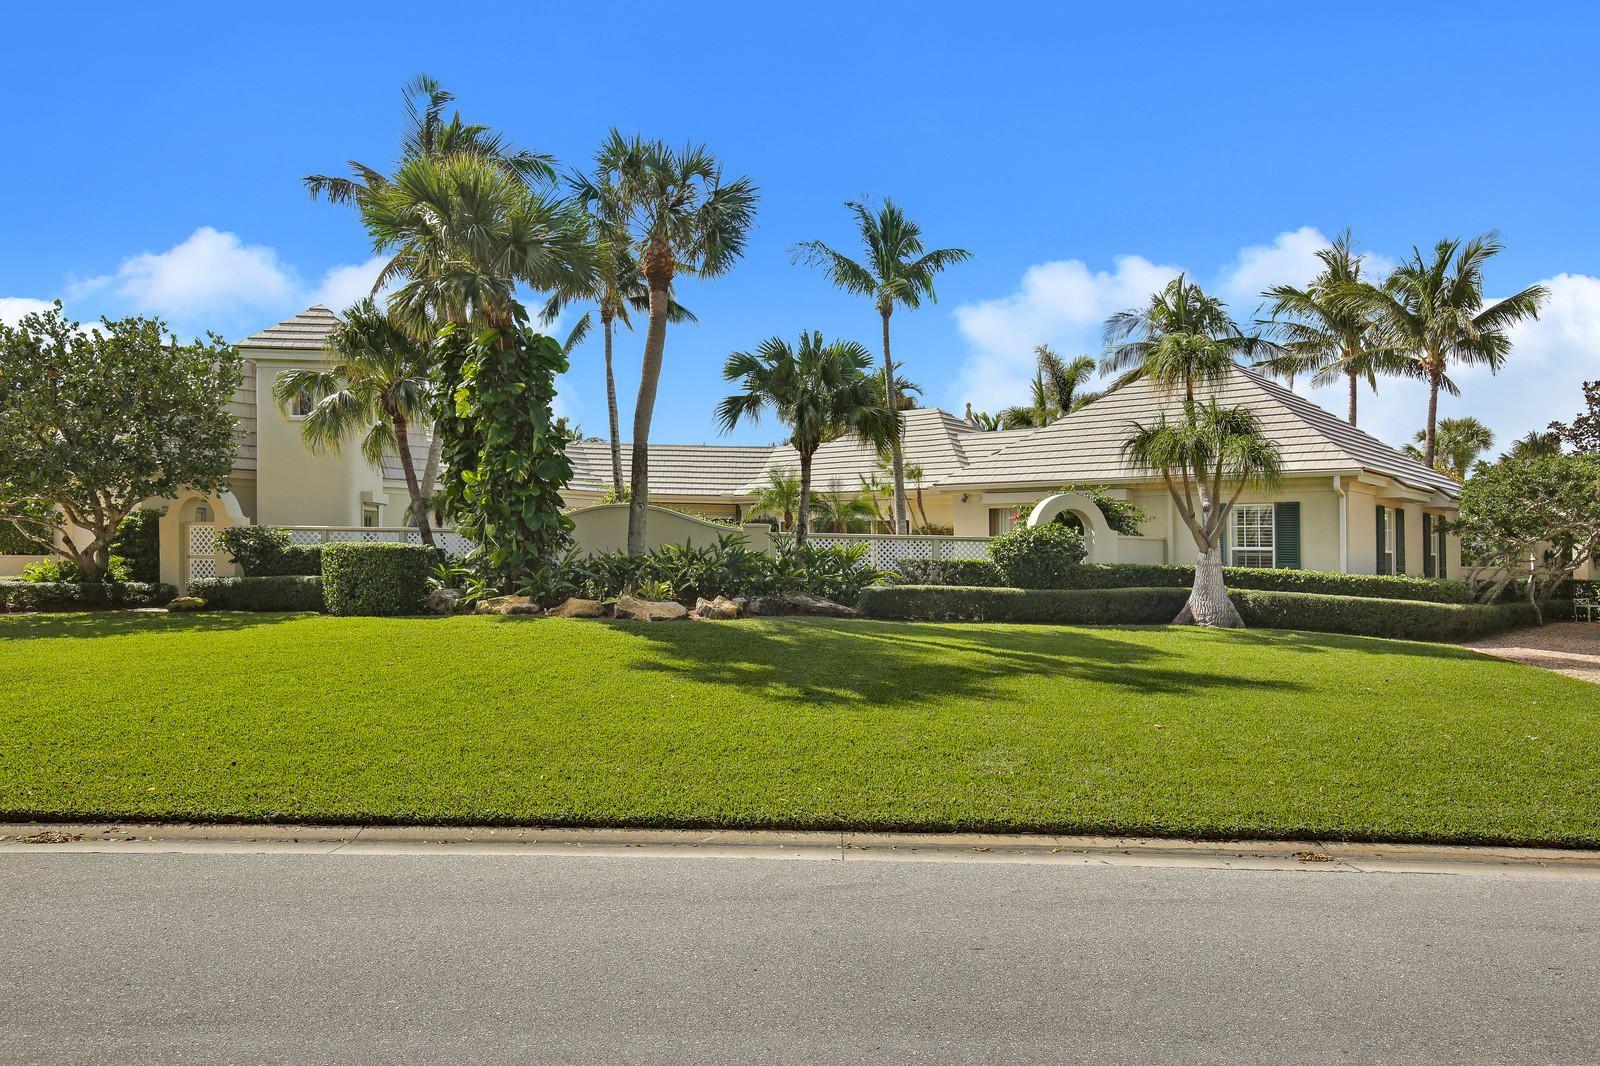 732 Village Road, Juno Beach, Florida